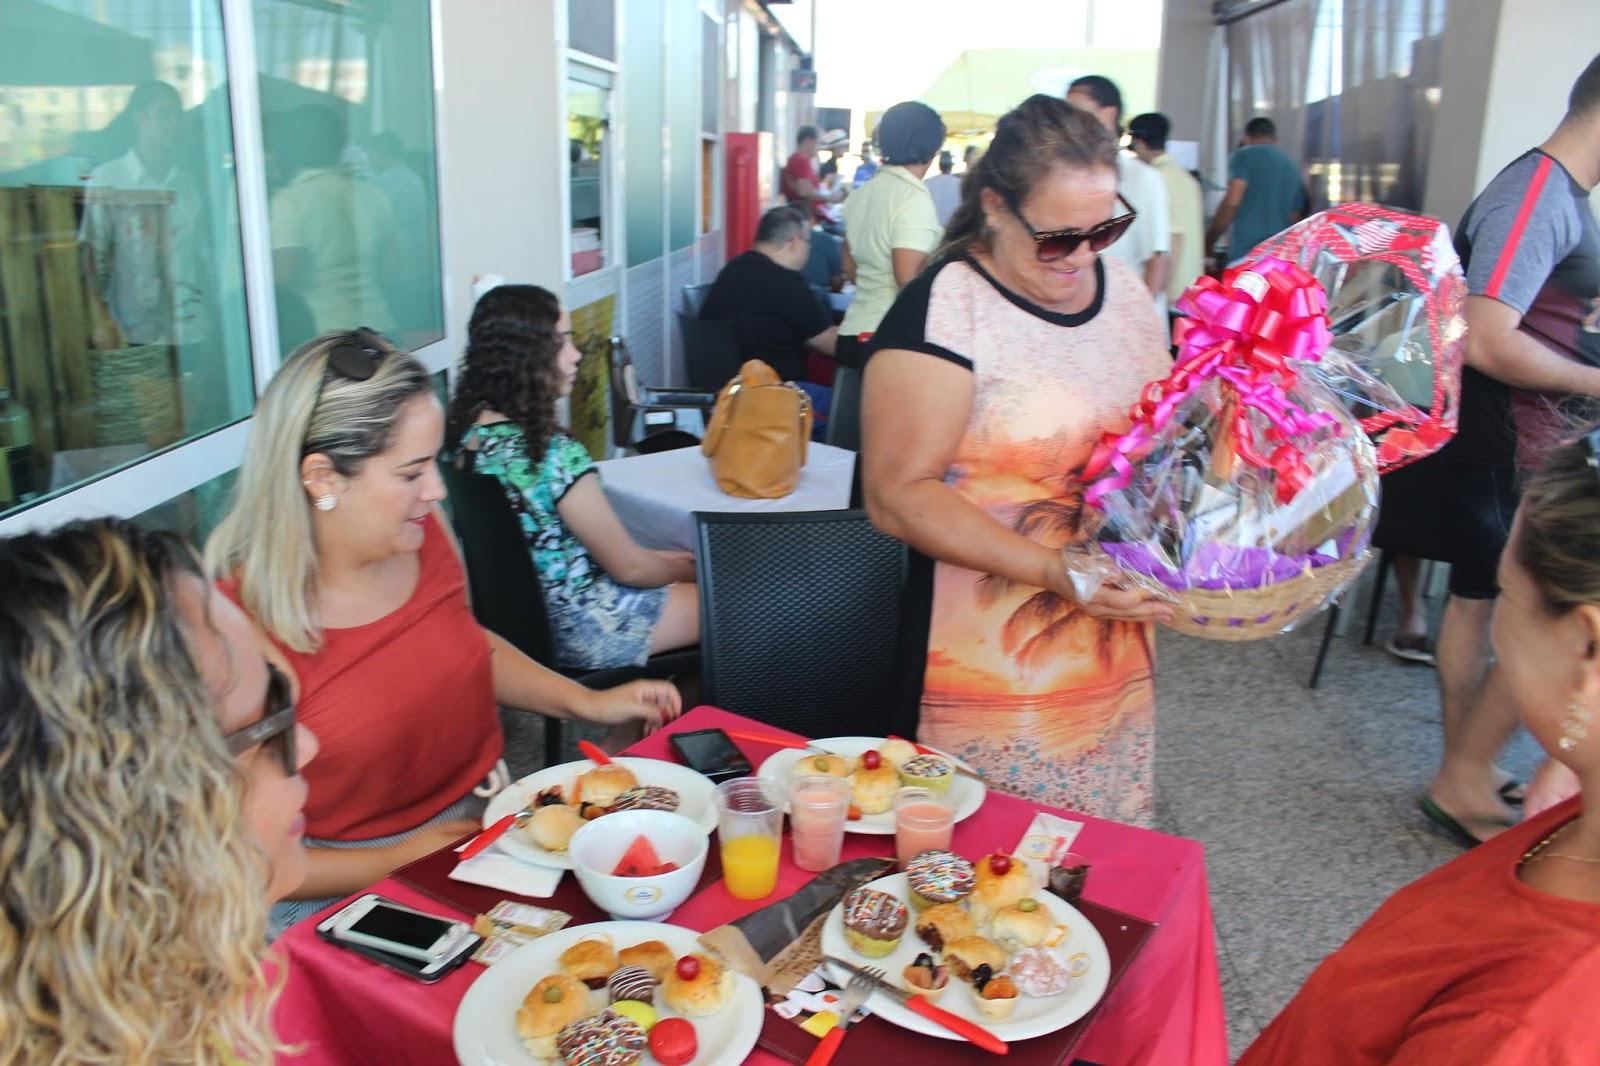 IMG 3660 - Dia 12 de maio dia das Mães no Jardins Mangueiral foi com muta diverção e alegria com um lindo café da manha